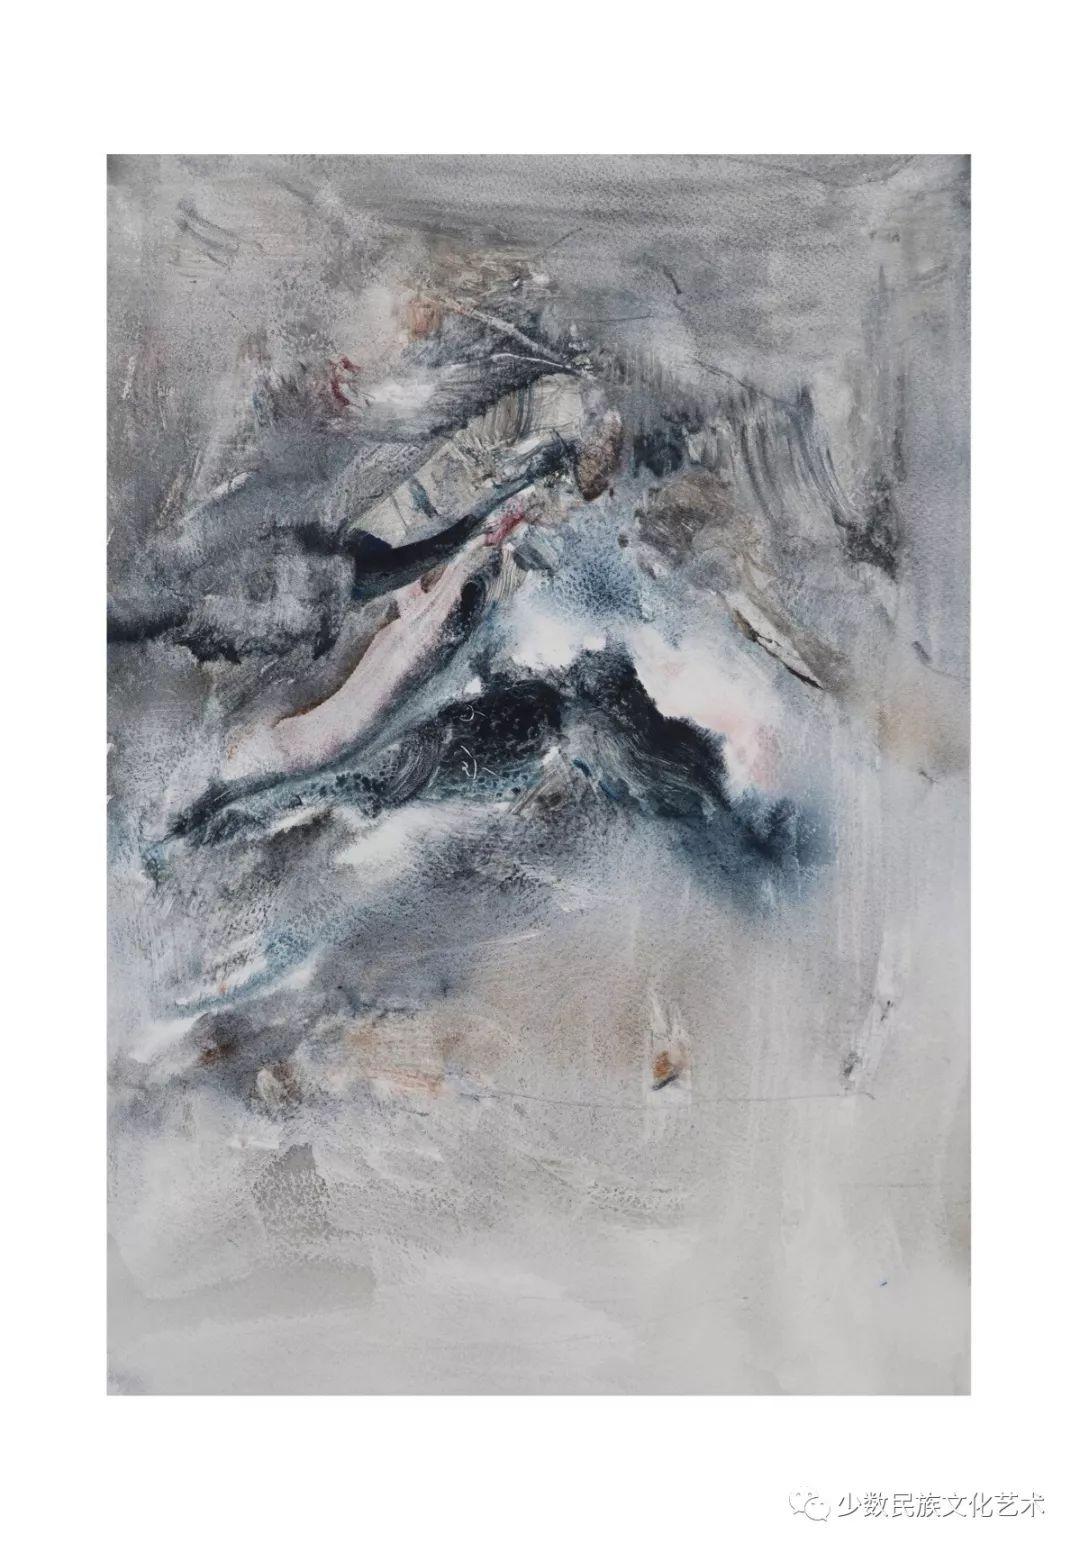 蒙古族青年水彩画家金光作品欣赏 第8张 蒙古族青年水彩画家金光作品欣赏 蒙古画廊